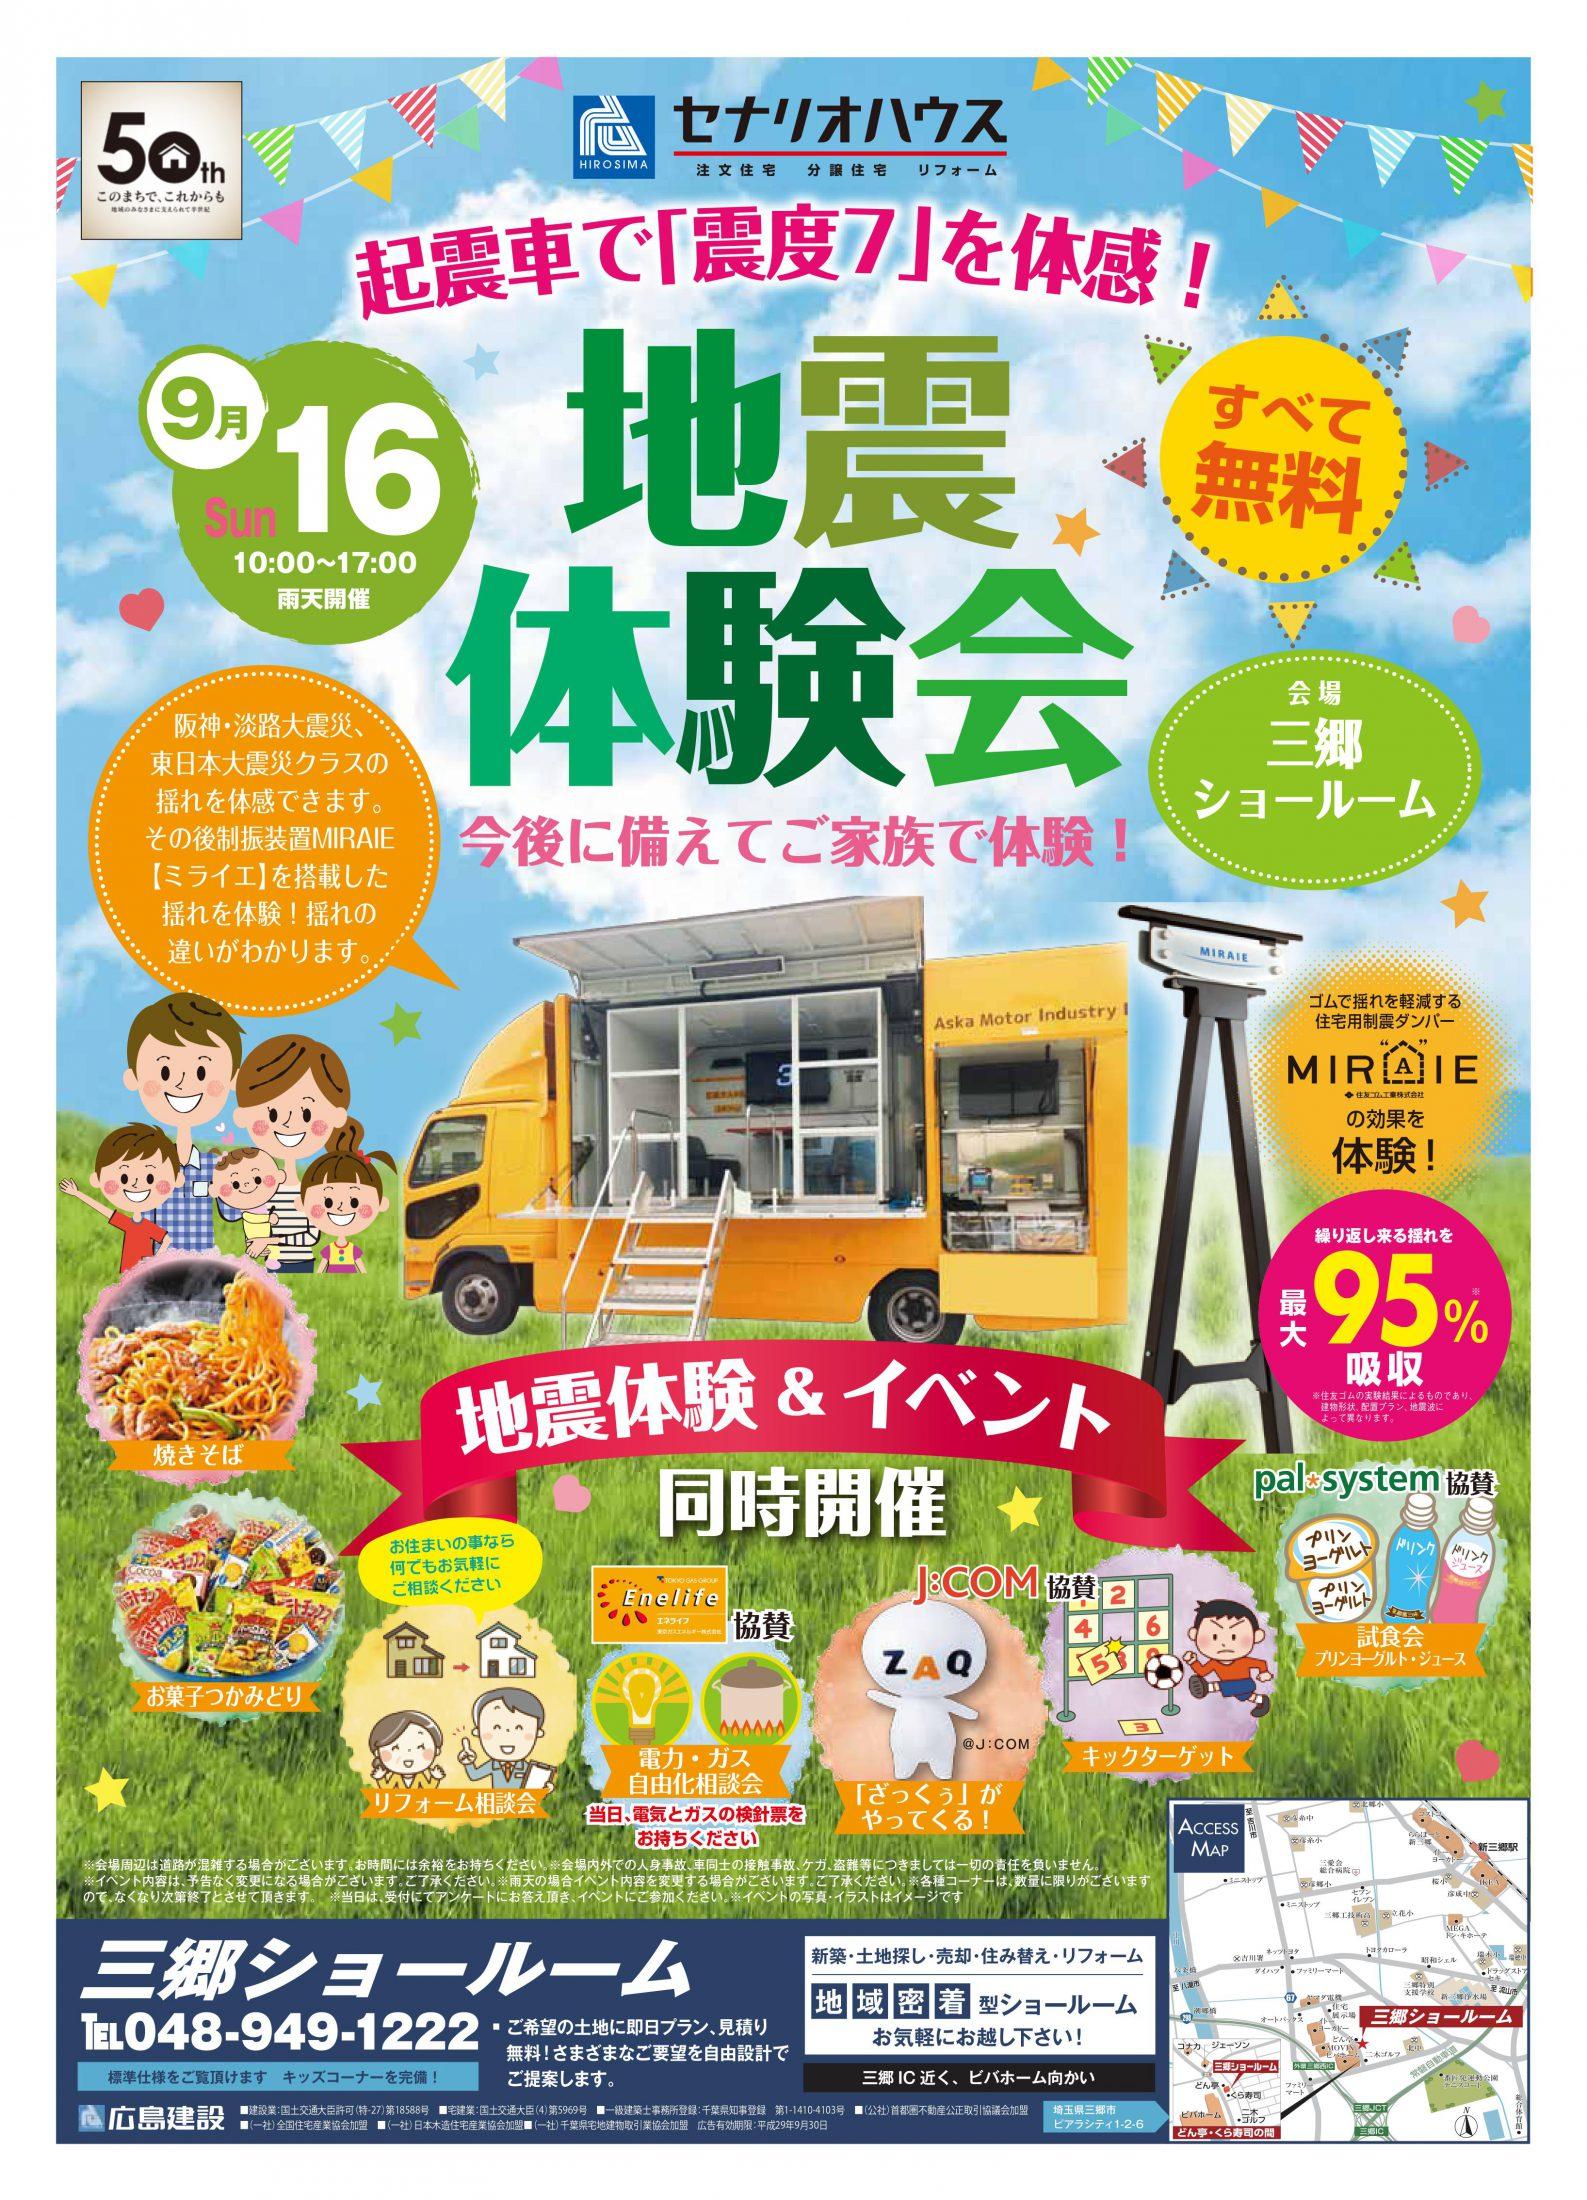 0916 - (koshigaya)越谷展示場受付